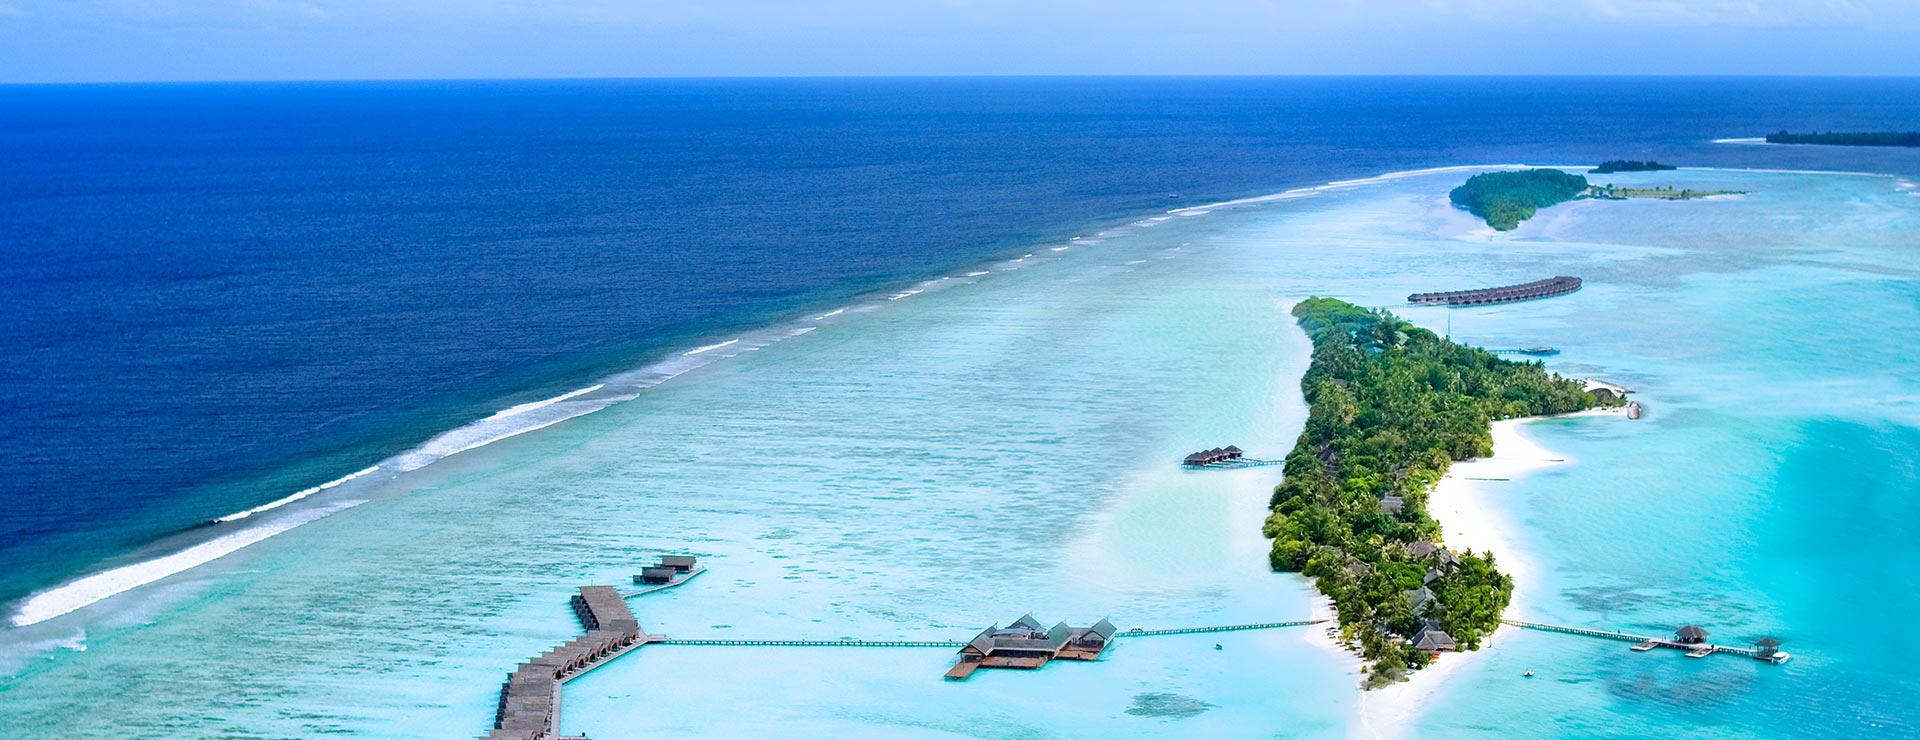 Vacaciones en islas del Índico